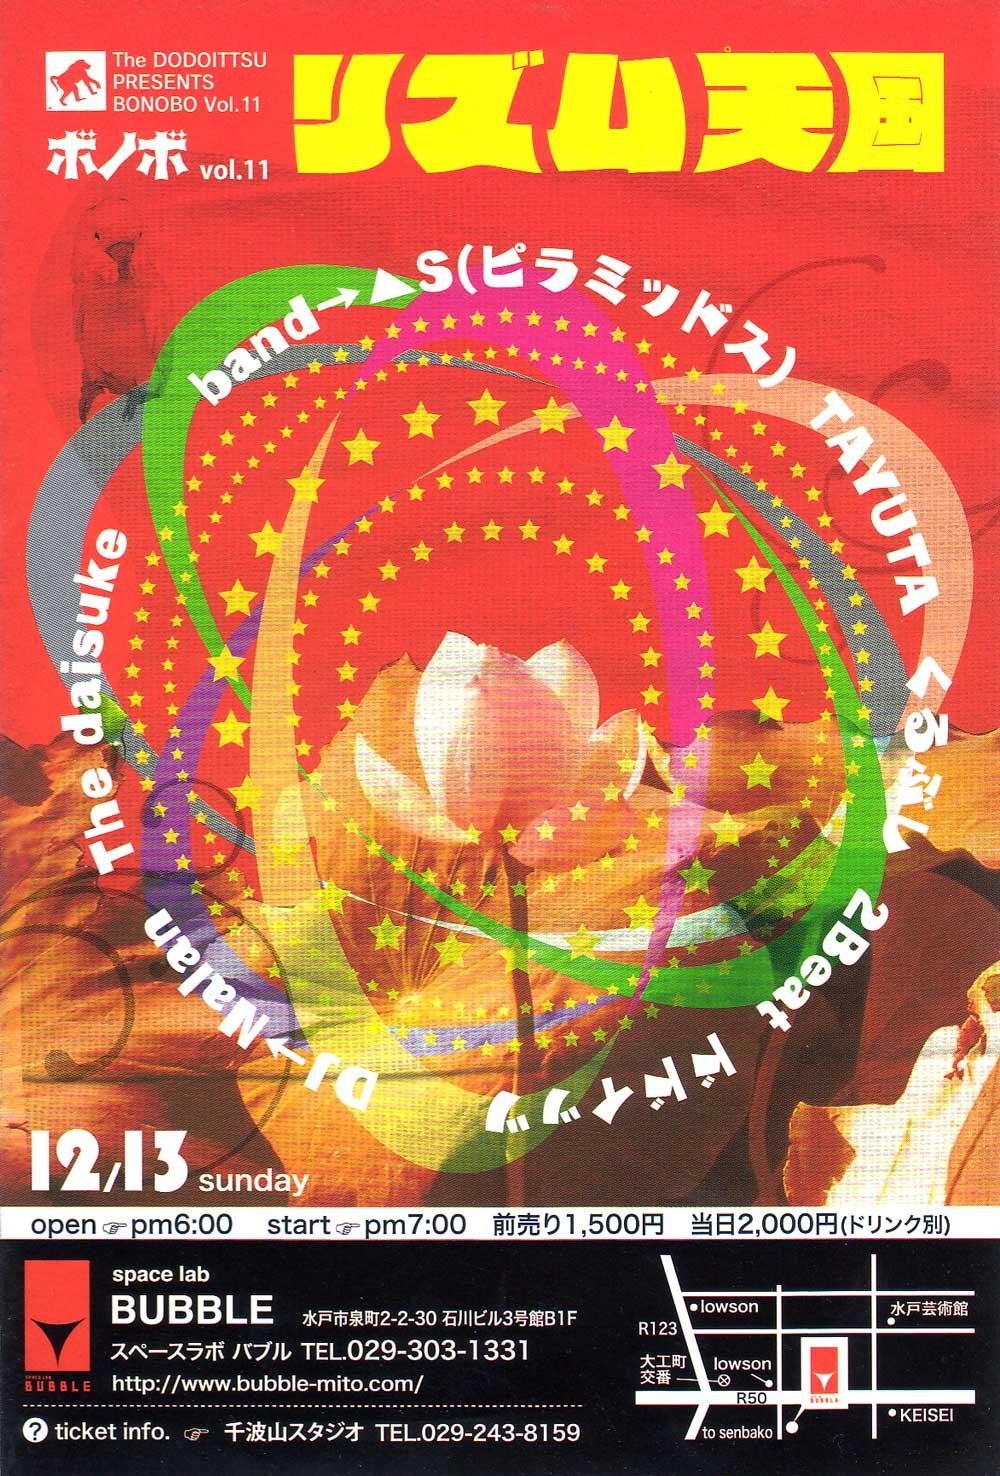 ボノボvol.11~リズム天国 フライヤー